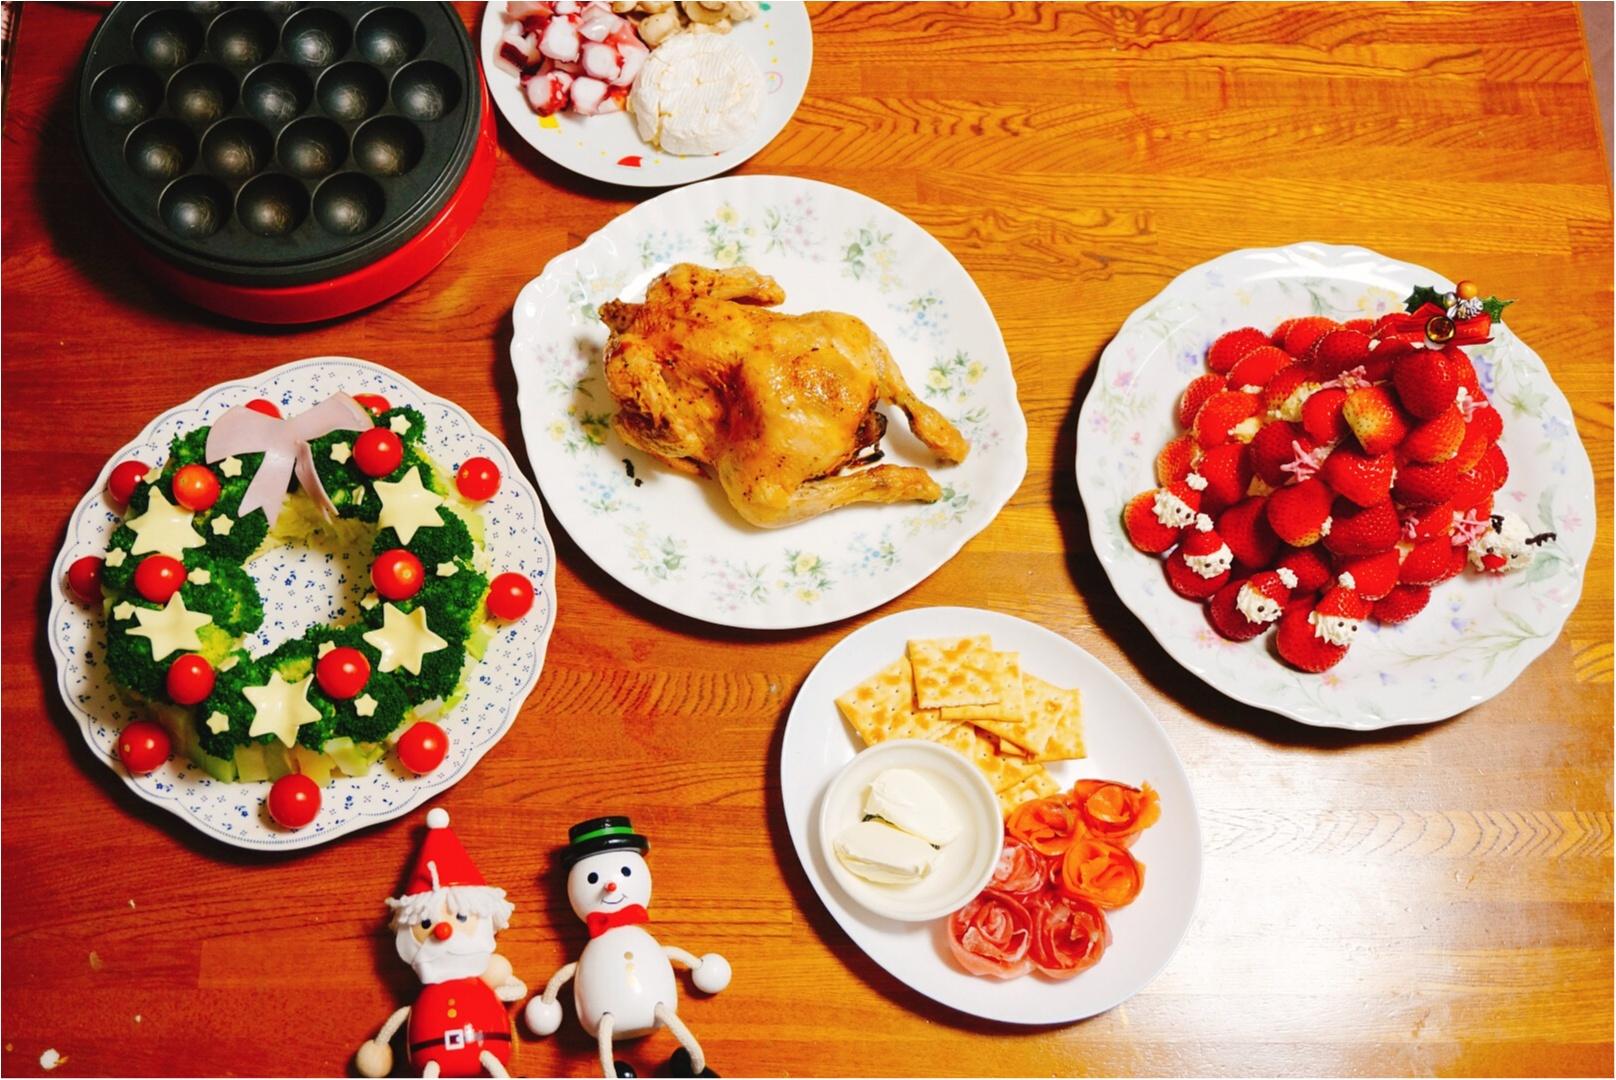 《今年はお家でクリパ♡》みんなでわいわい作って楽しもう♪クリスマスにぴったりな手作り料理3品はこれっ‼︎_6